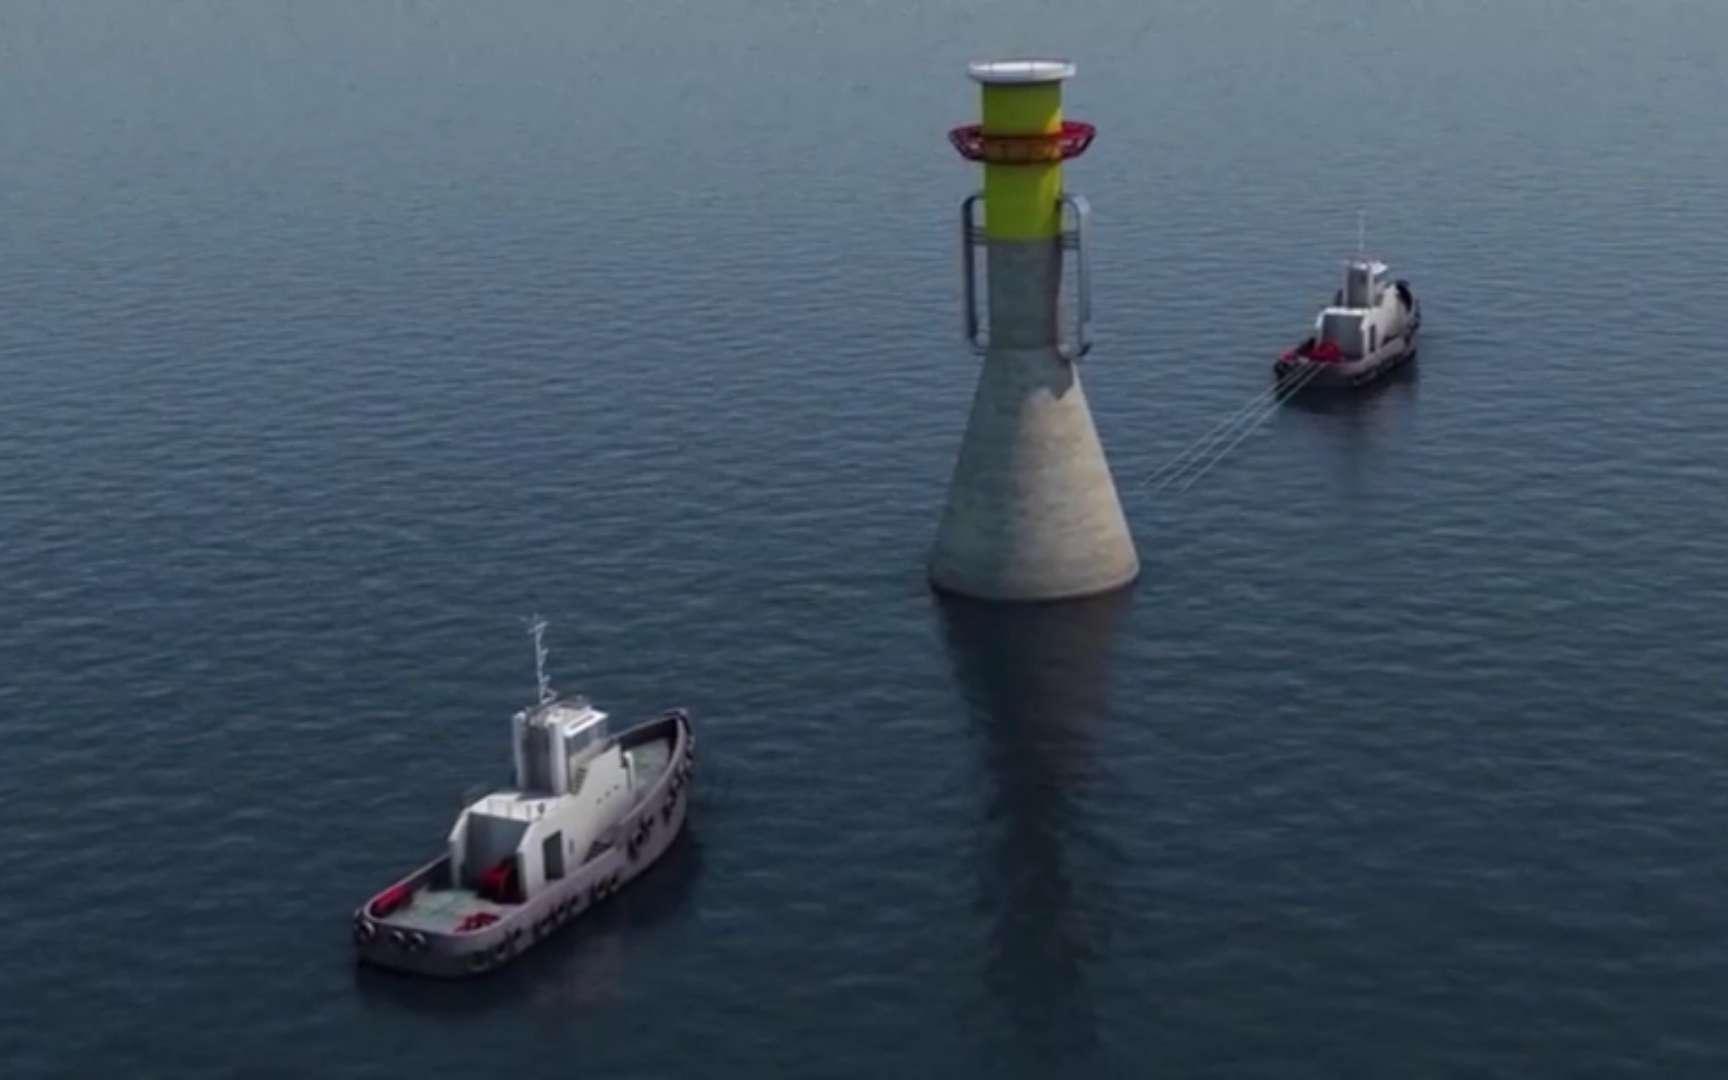 Une fondation en béton, flottante, est transportée vers l'emplacement où elle sera coulée par emplissage des ballasts, dans la Manche. Deux remorqueurs sont représentés sur cette vue d'artiste. Il y en aura en fait trois. But de l'opération : installer des éoliennes en mer. © Éolien Maritime France, YouTube